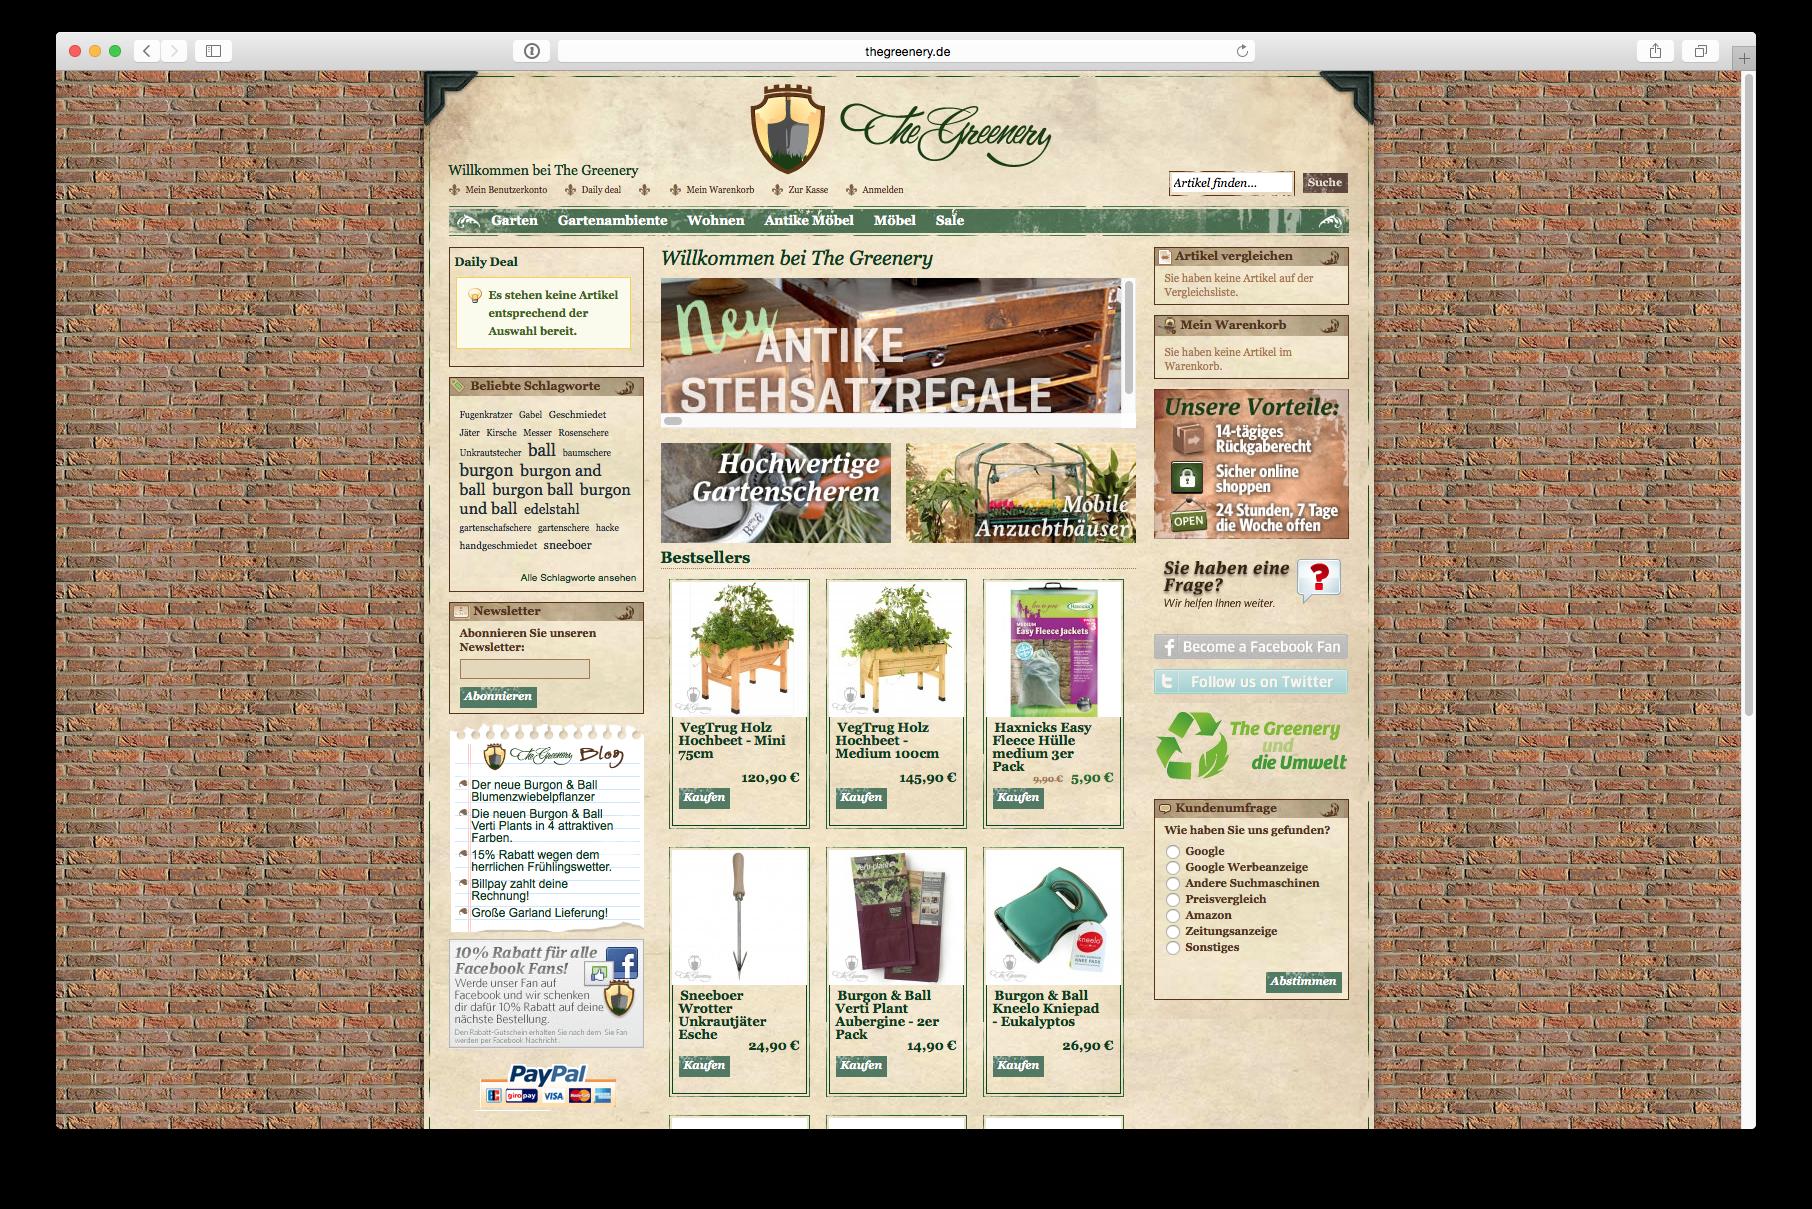 Online Store Fur Hochwertige Gartengerate Und Gartenzubehor